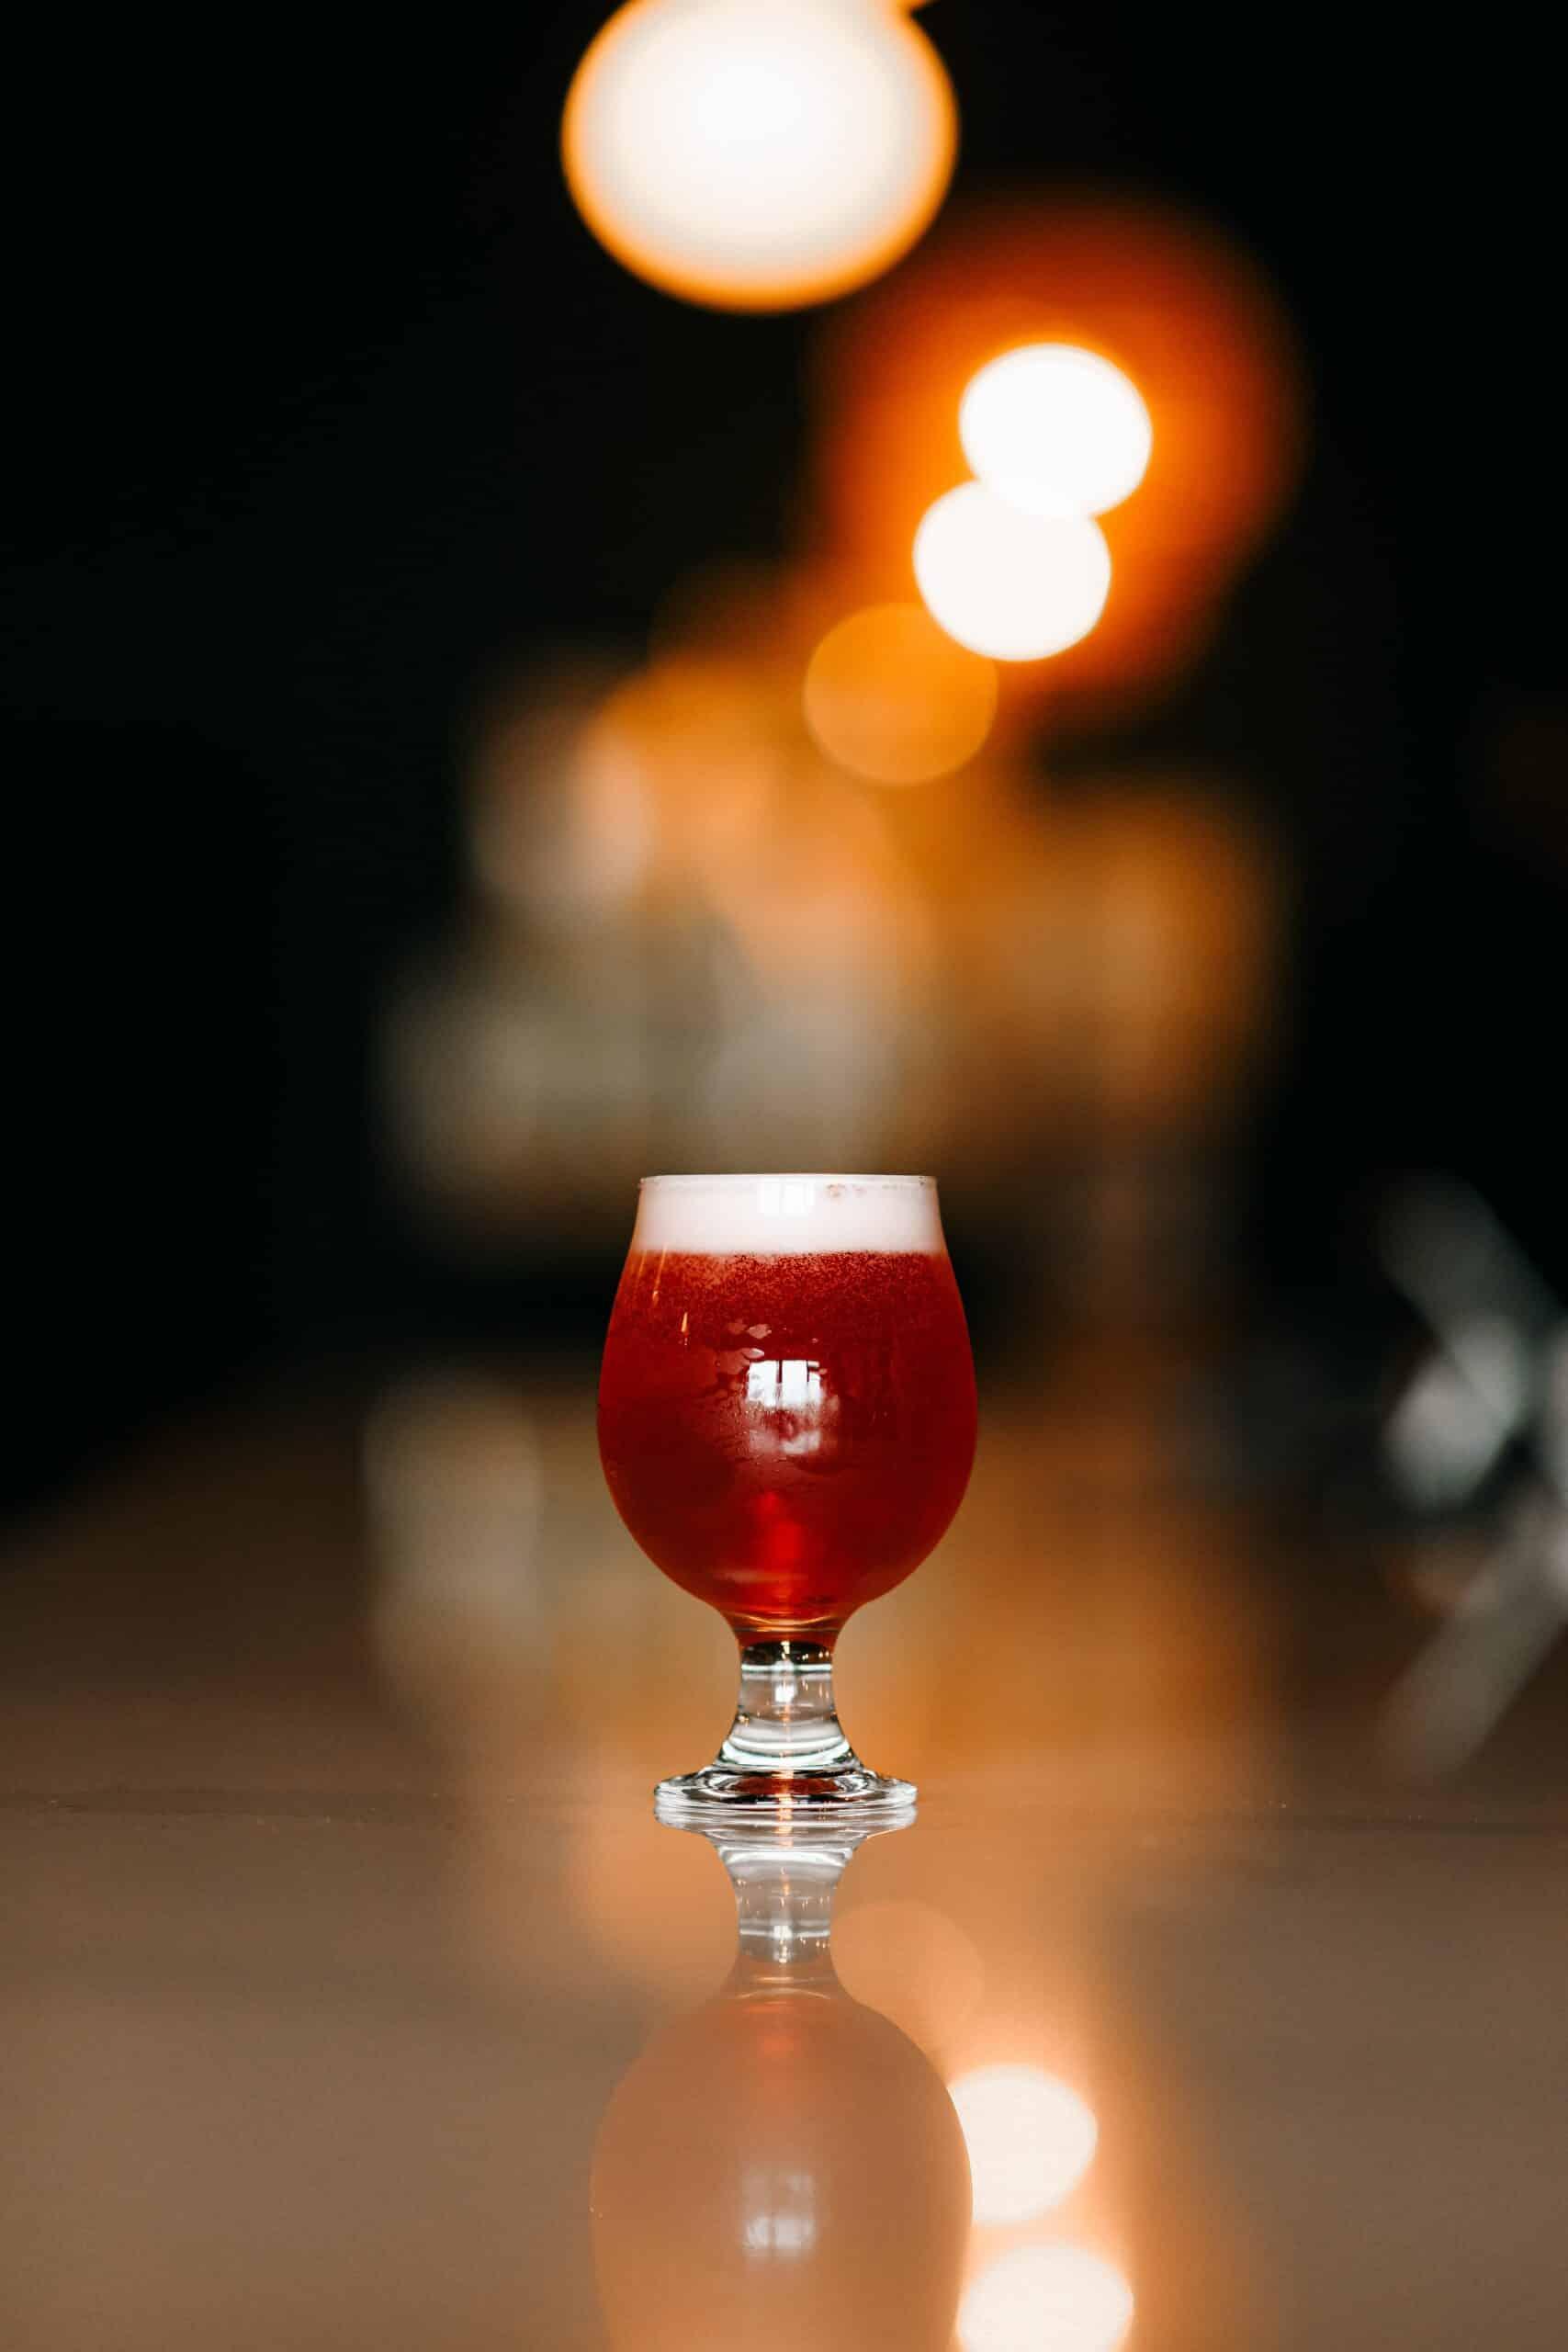 verre à vin clair avec liquide rouge